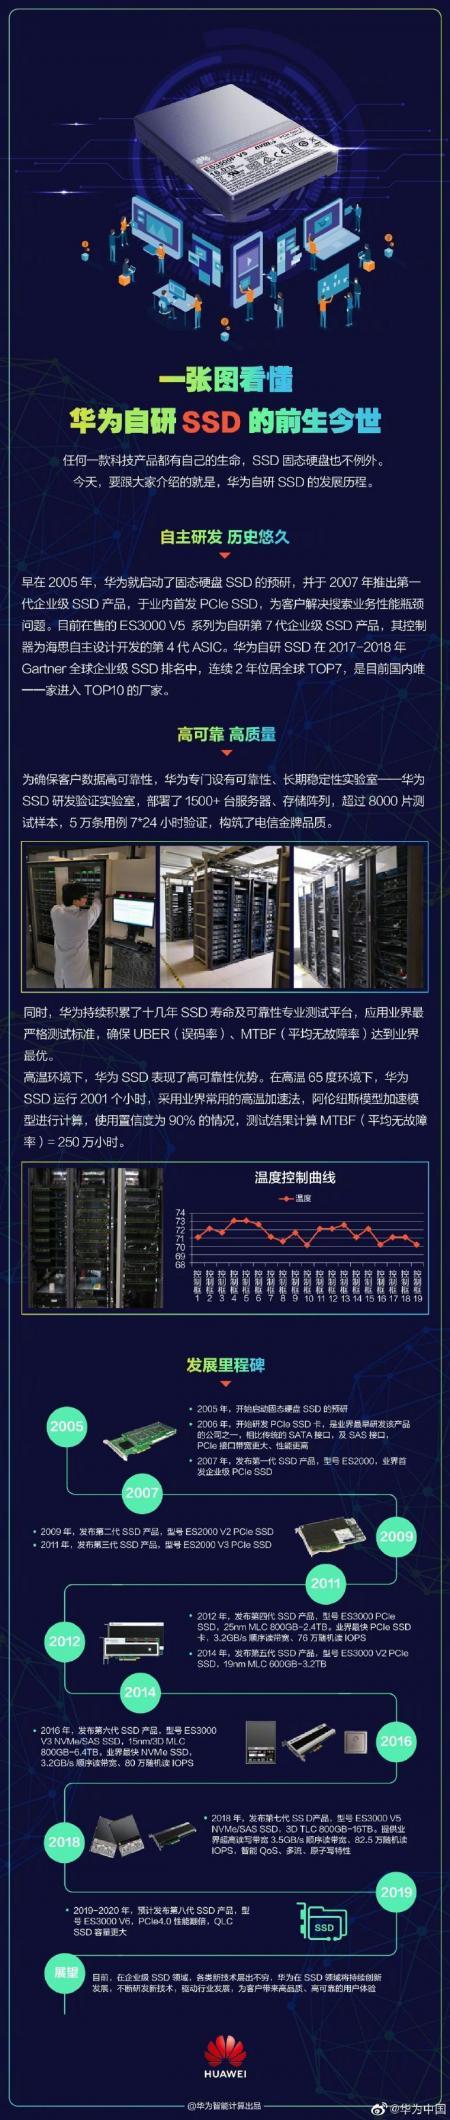 华为自研SSD的前世今生:历时13年,第8代SSD即将发布